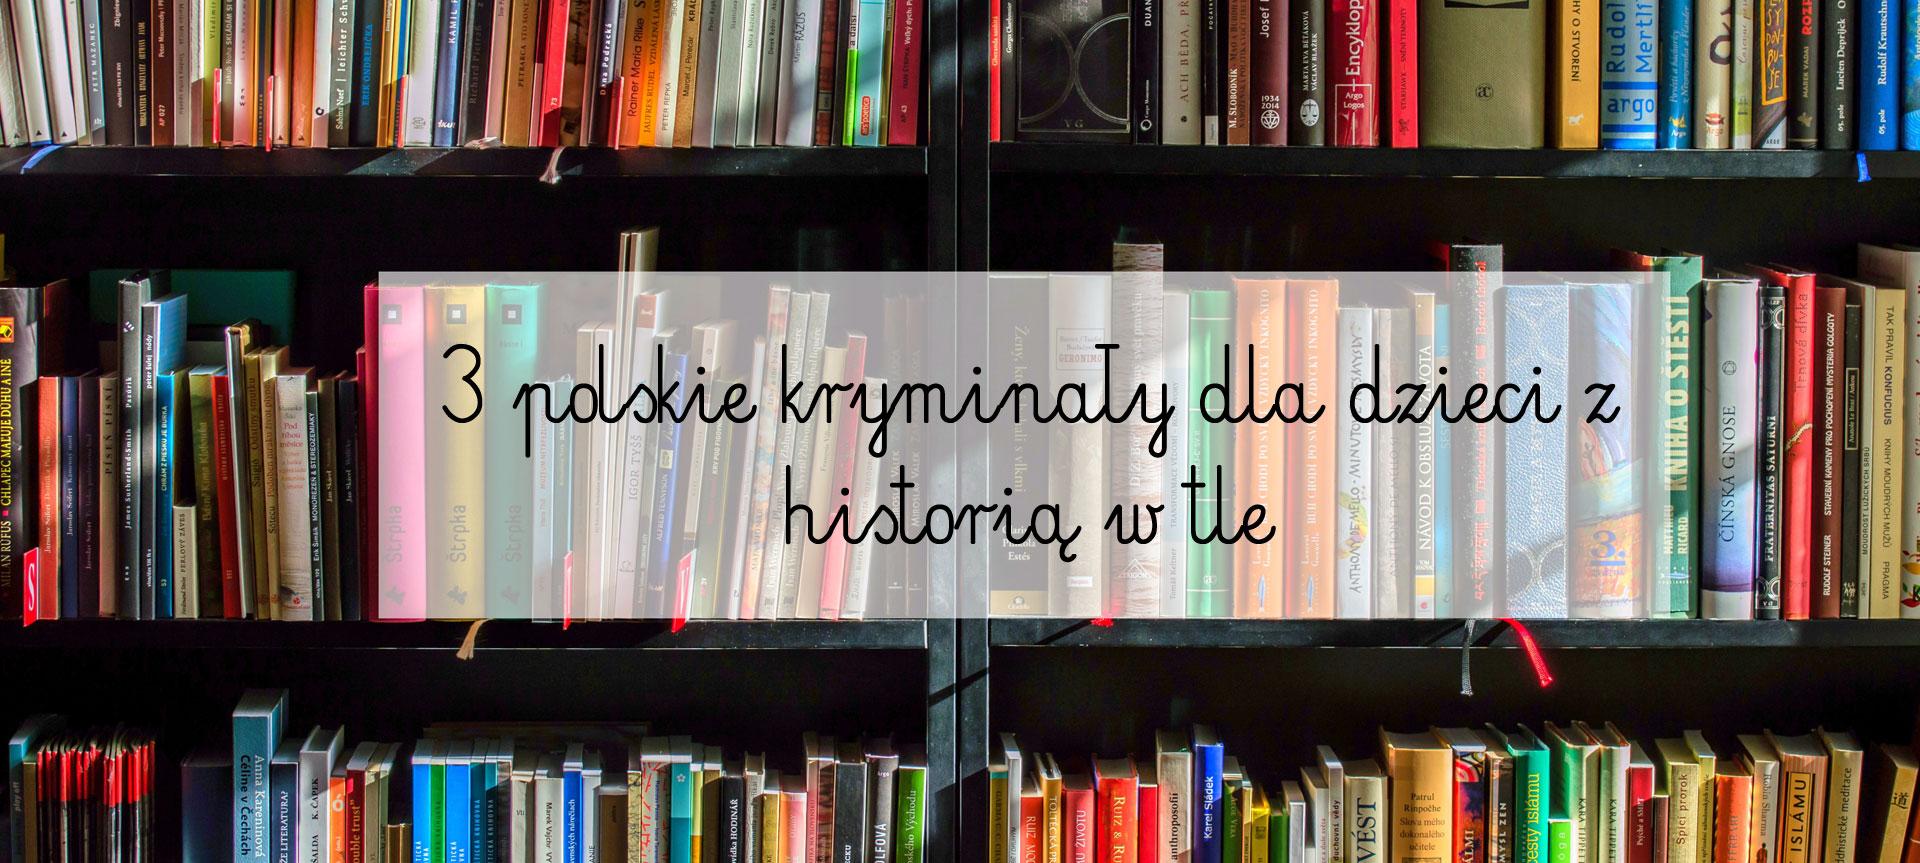 bookcase-books-bookshelves-159711